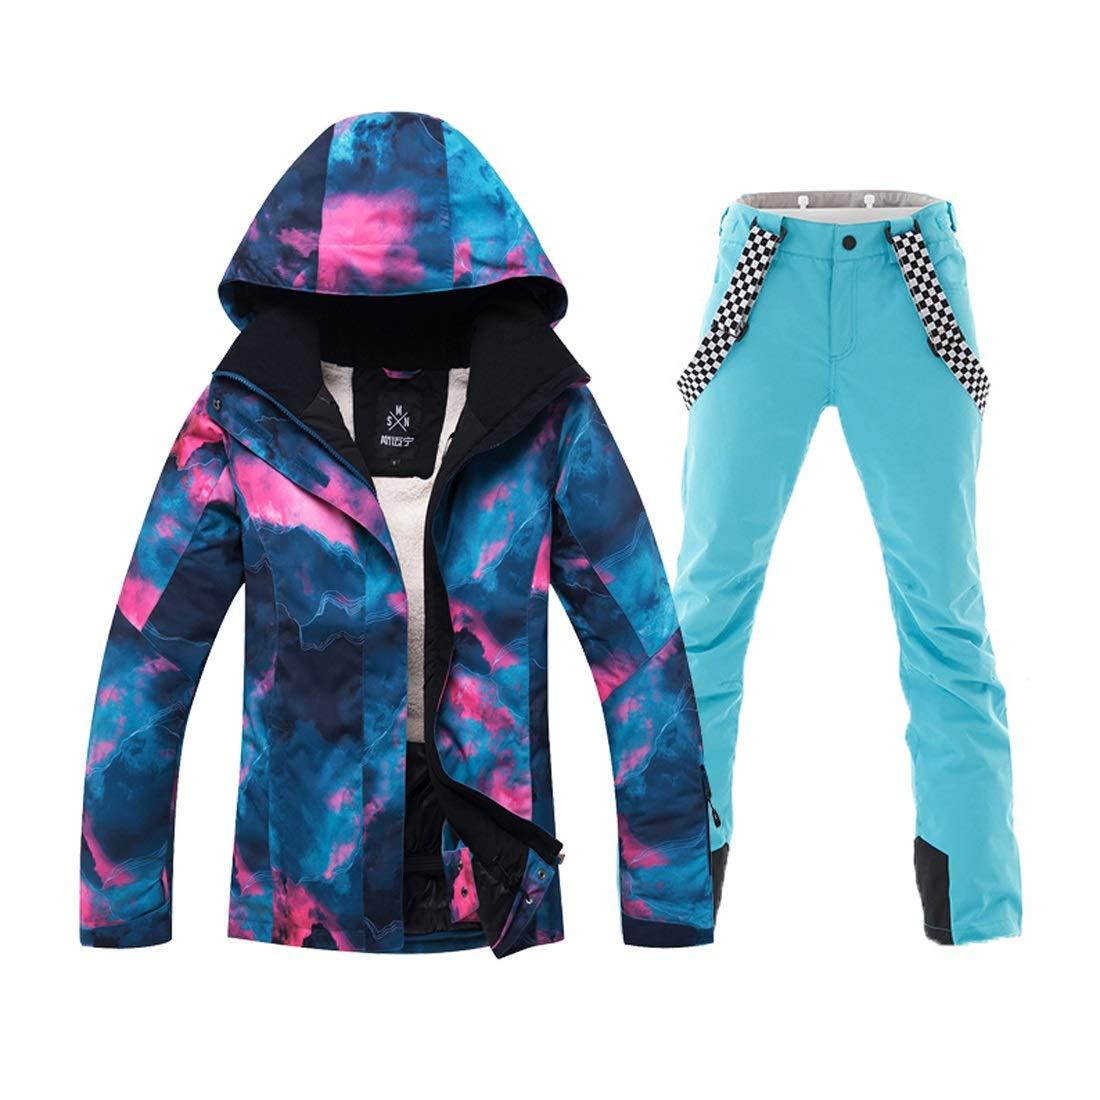 KingsleyW スノーバードアウトドアハイキングのための女性のマウントスキージャケットとパンツ防水防風スノースーツ (色 : 青, サイズ : M) 青 Medium